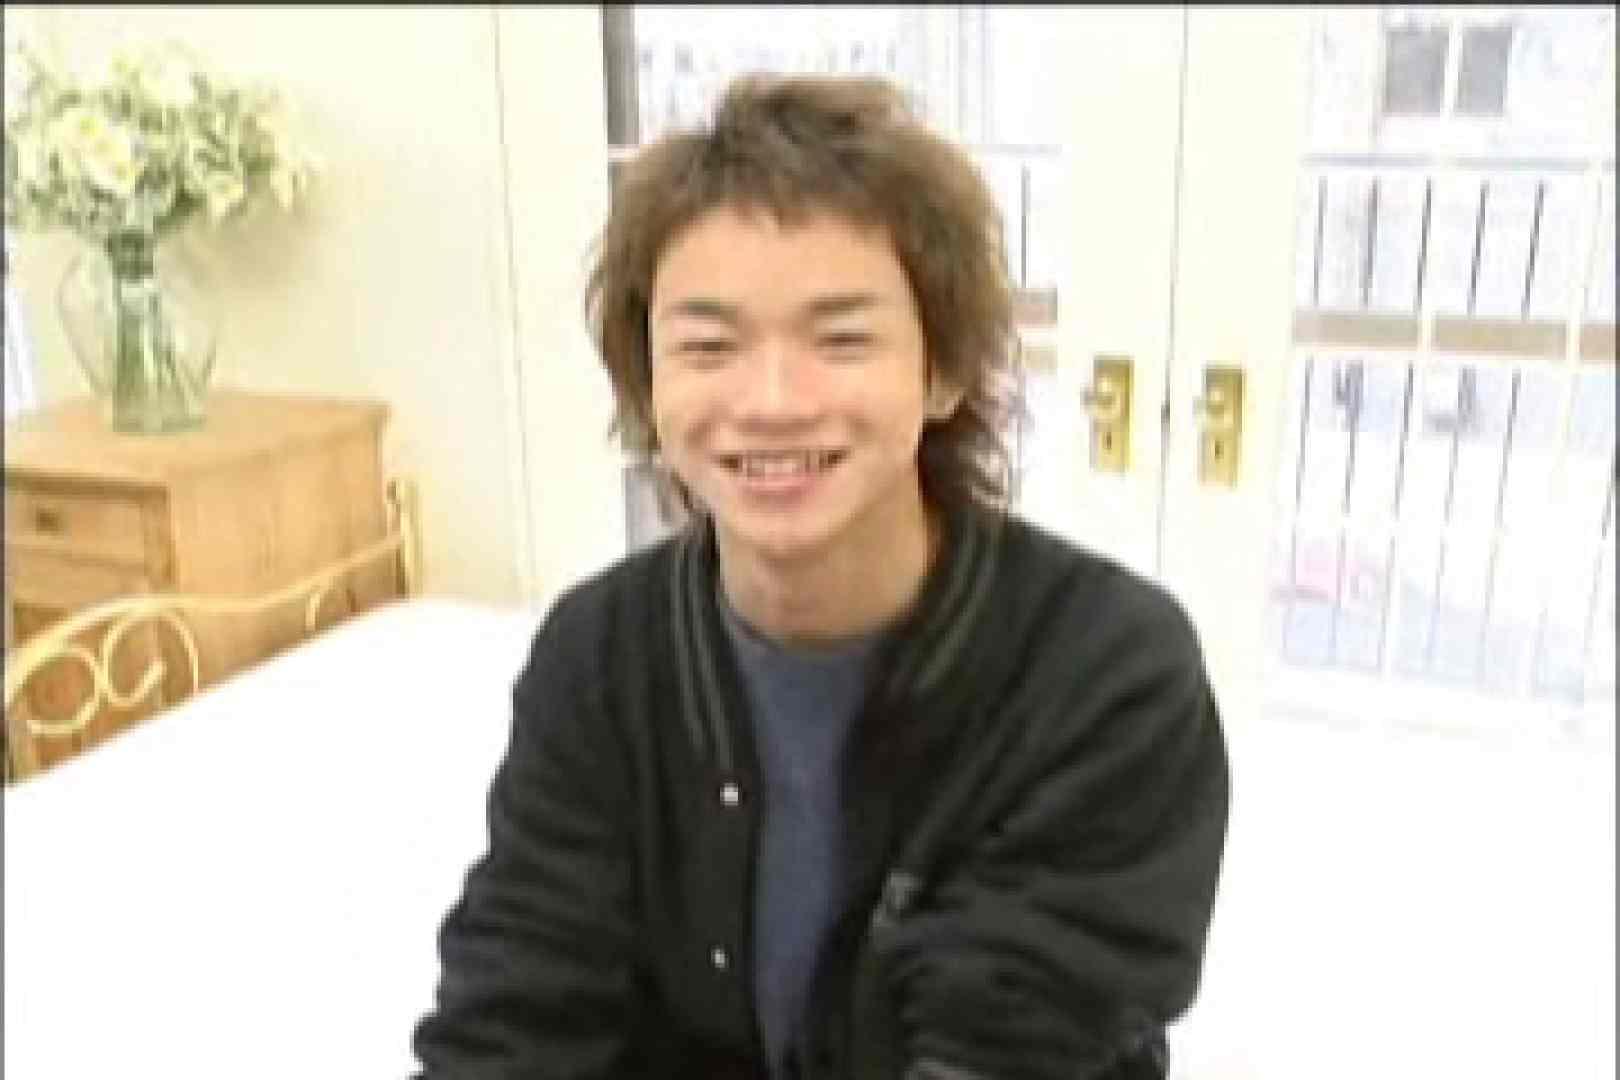 イケメン☆パラダイス〜男ざかりの君たちへ〜vol.18 フェラ  79pic 1